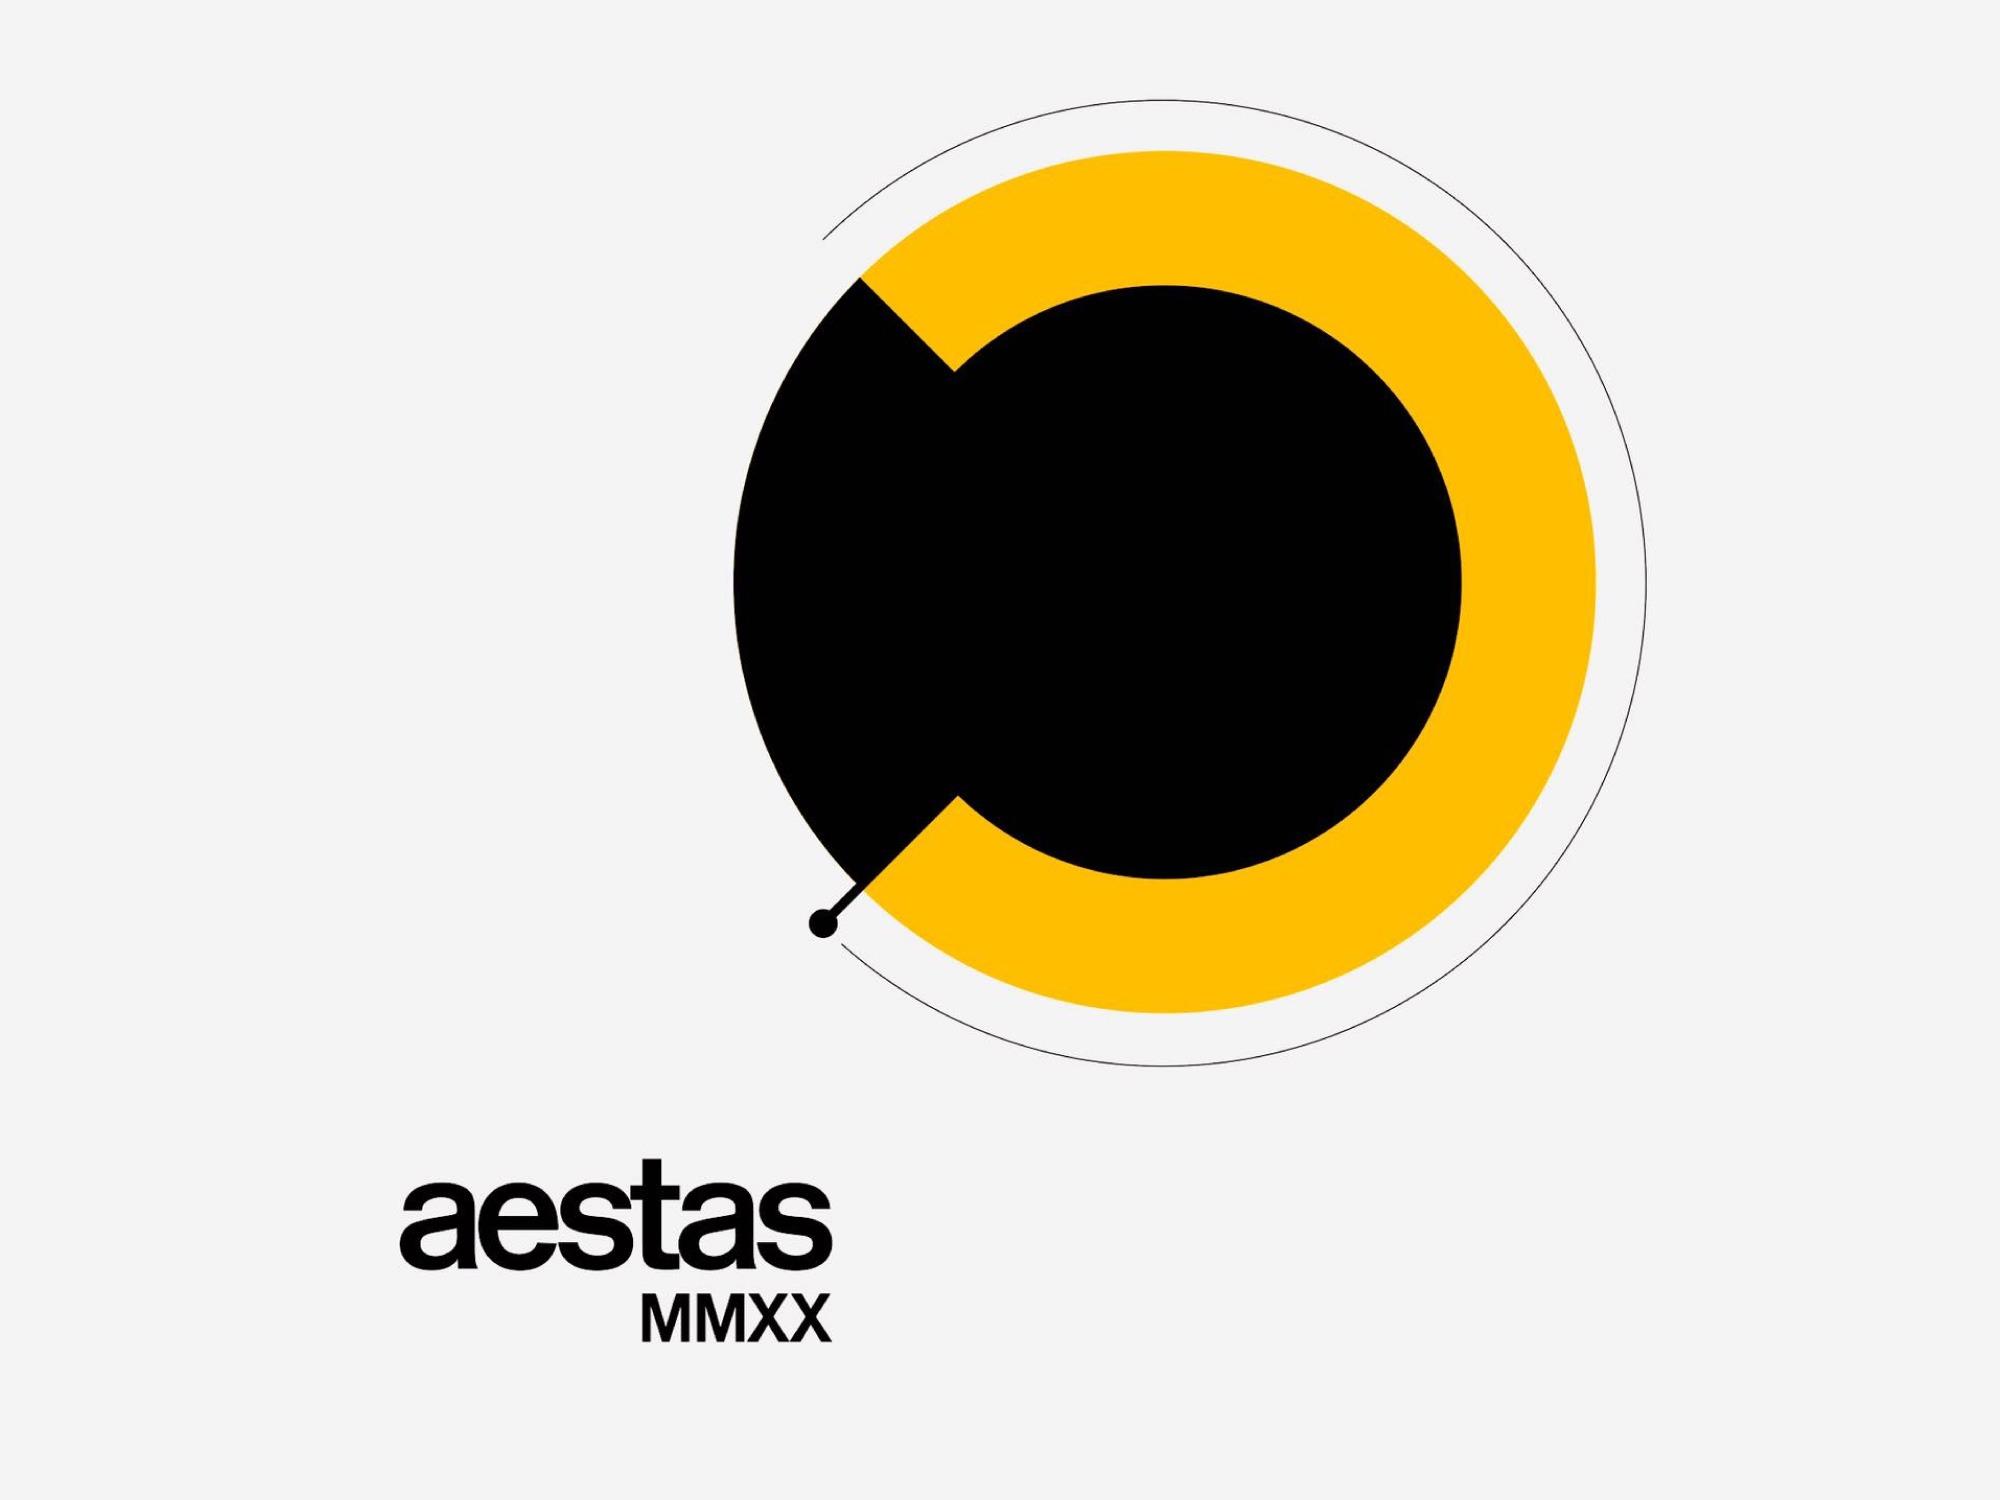 aequusol-aestas-mmxx